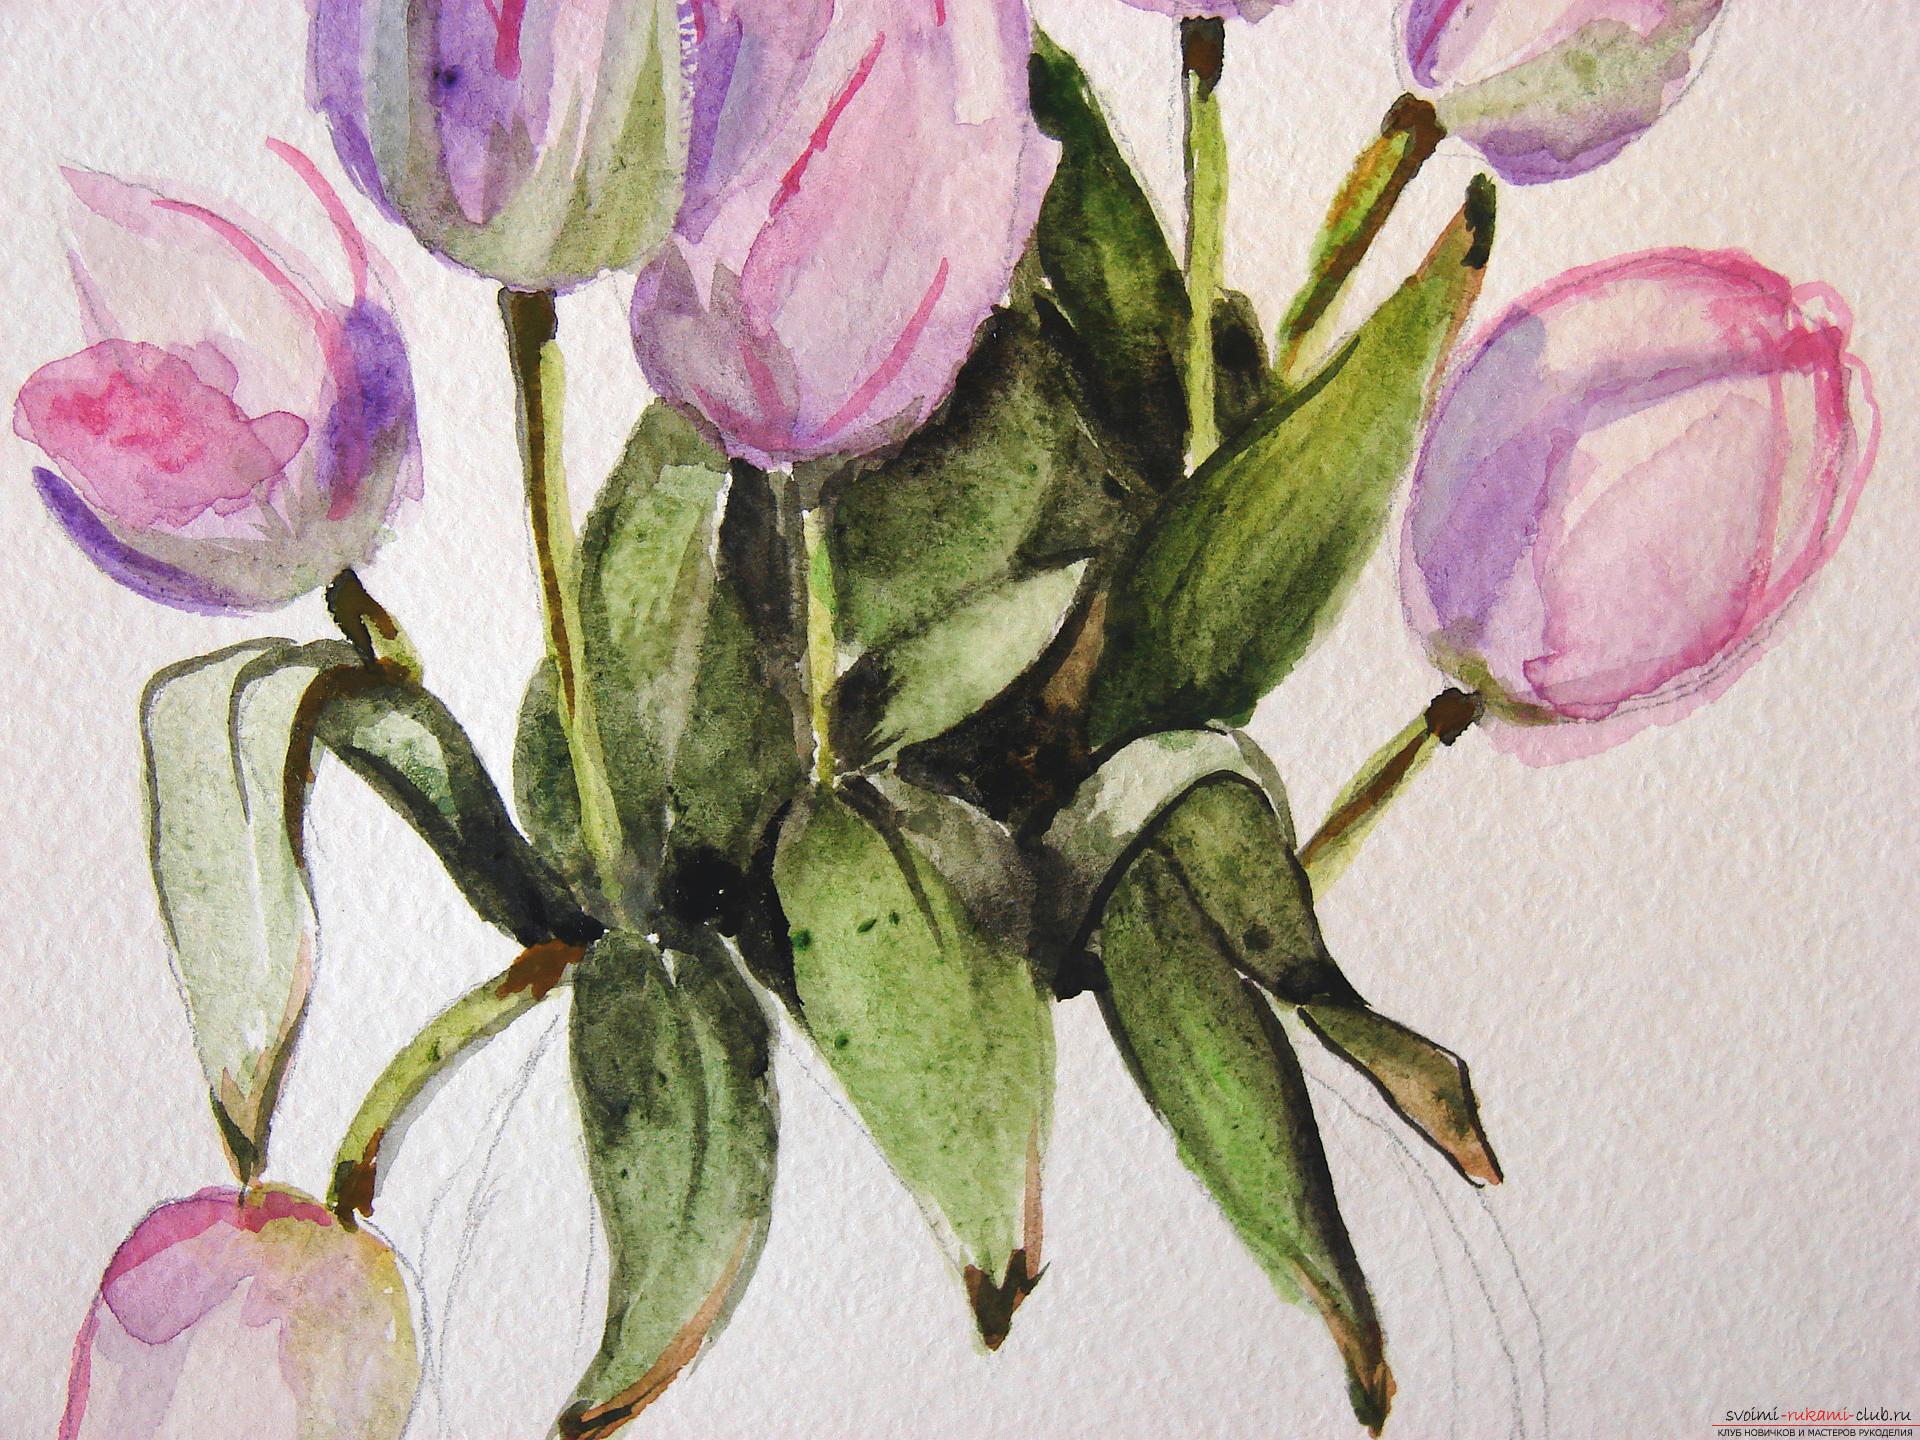 Мастер-класс по рисованию с фото научит как нарисовать цветы, подробно описав как рисуются тюльпаны поэтапно.. Фото №17